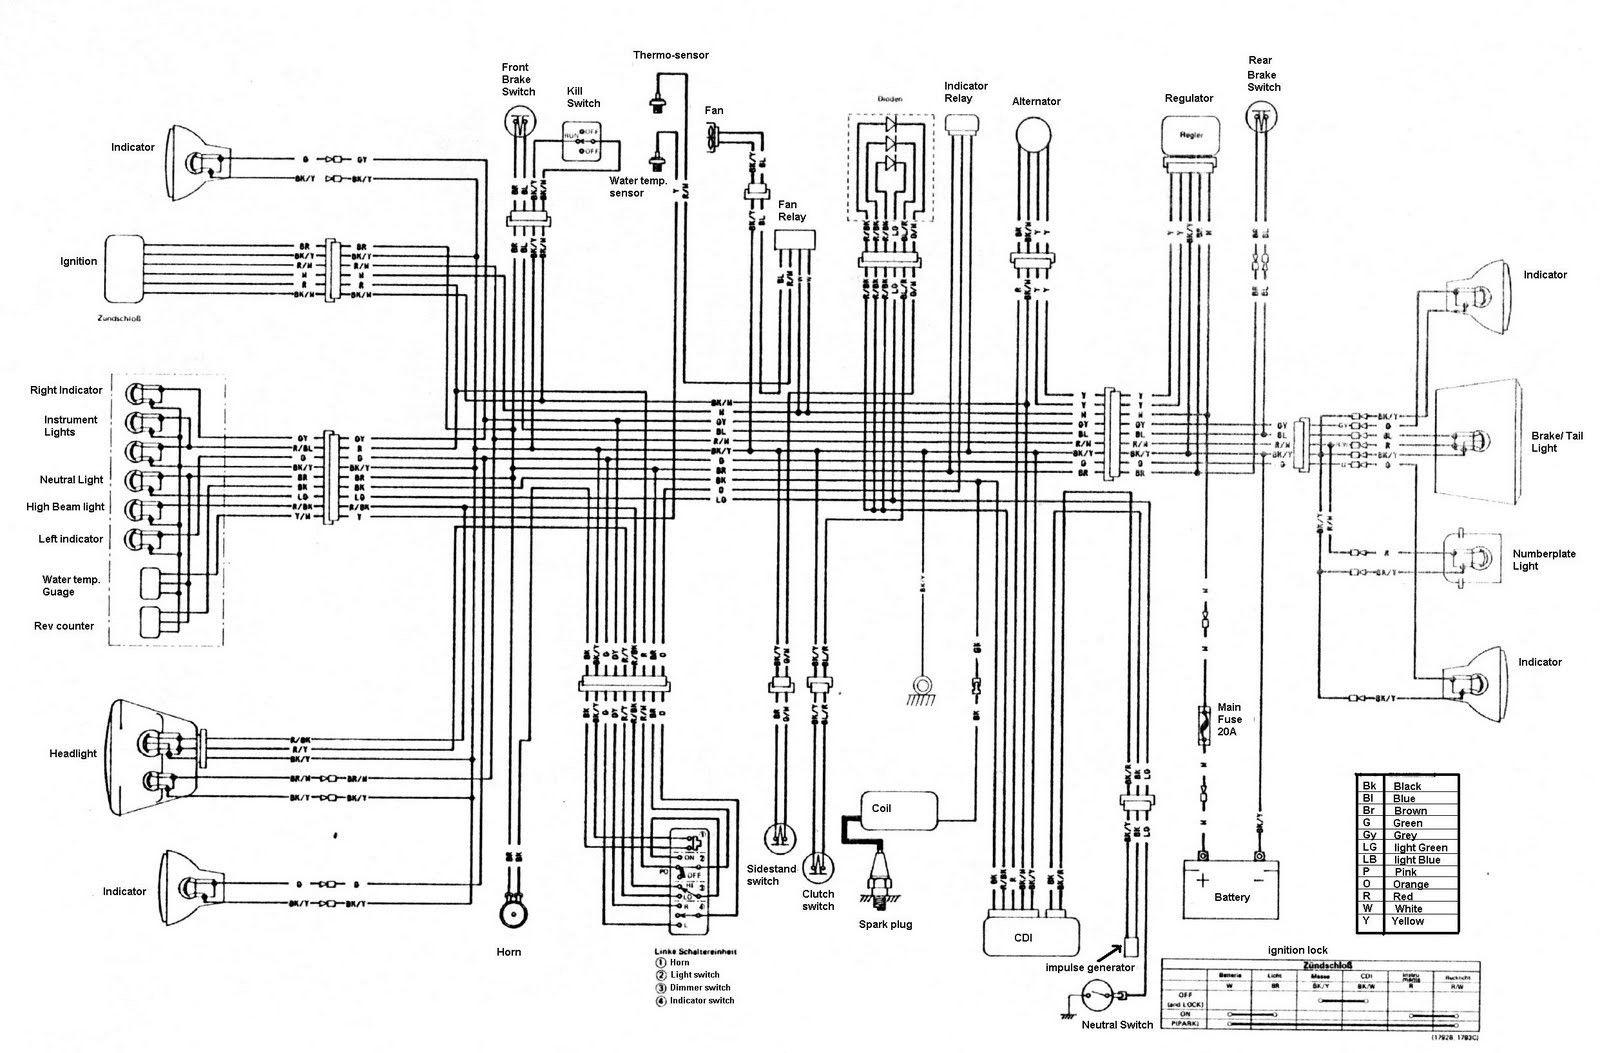 84 Kawasaki Motorcycle Wiring Diagram Get Free Image About